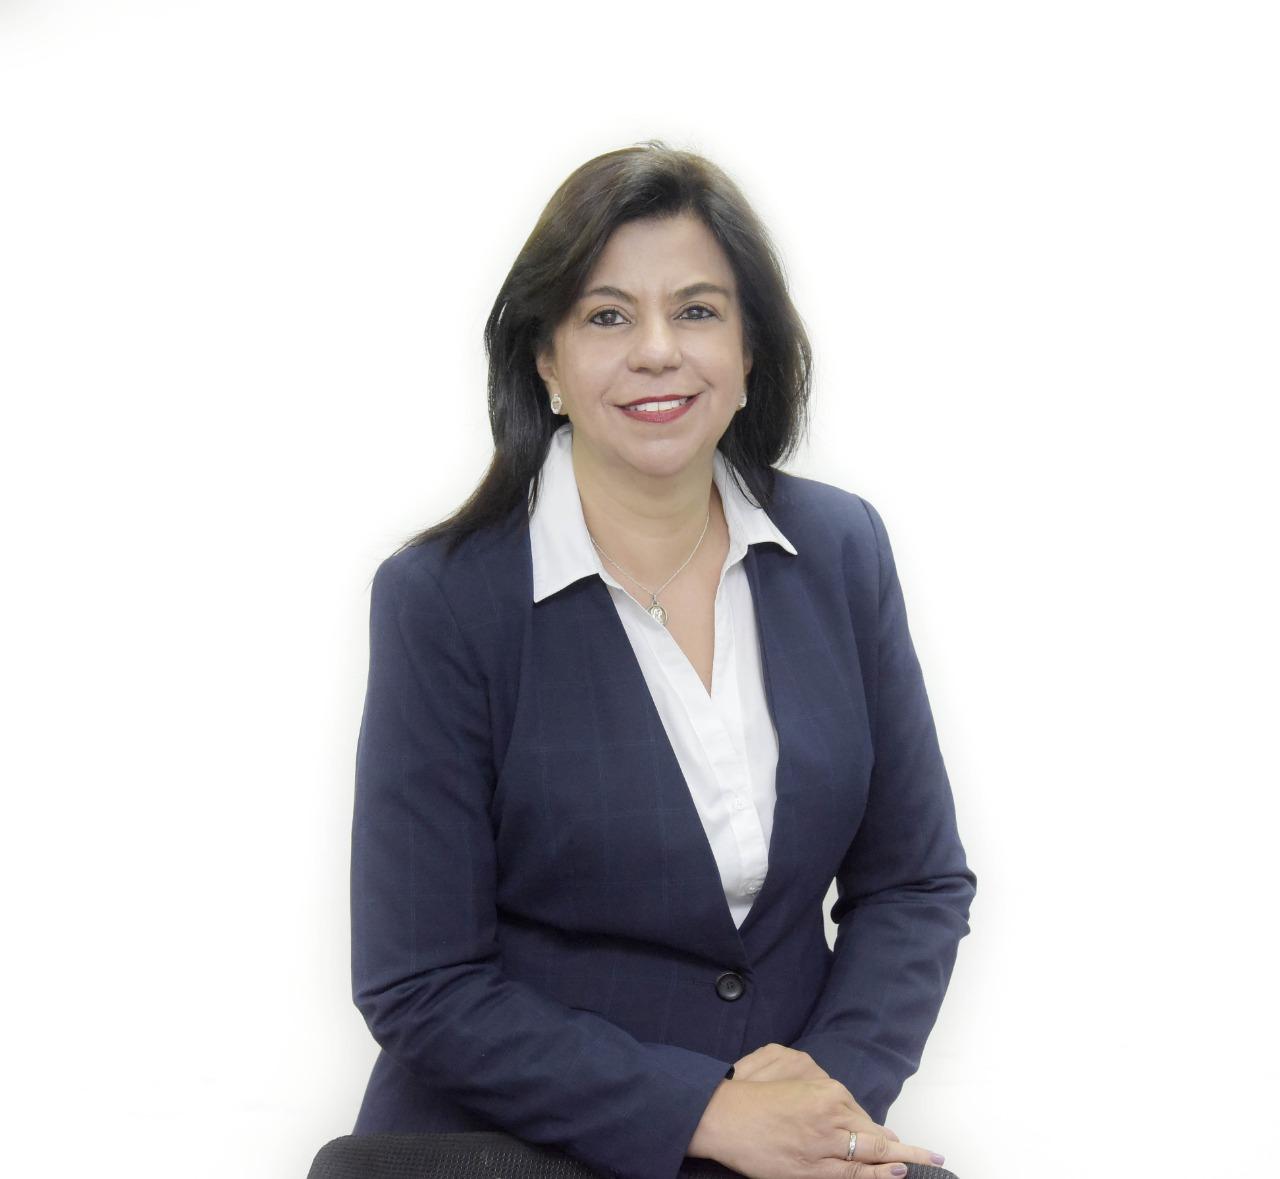 Sandra Patricia Orozco Marín